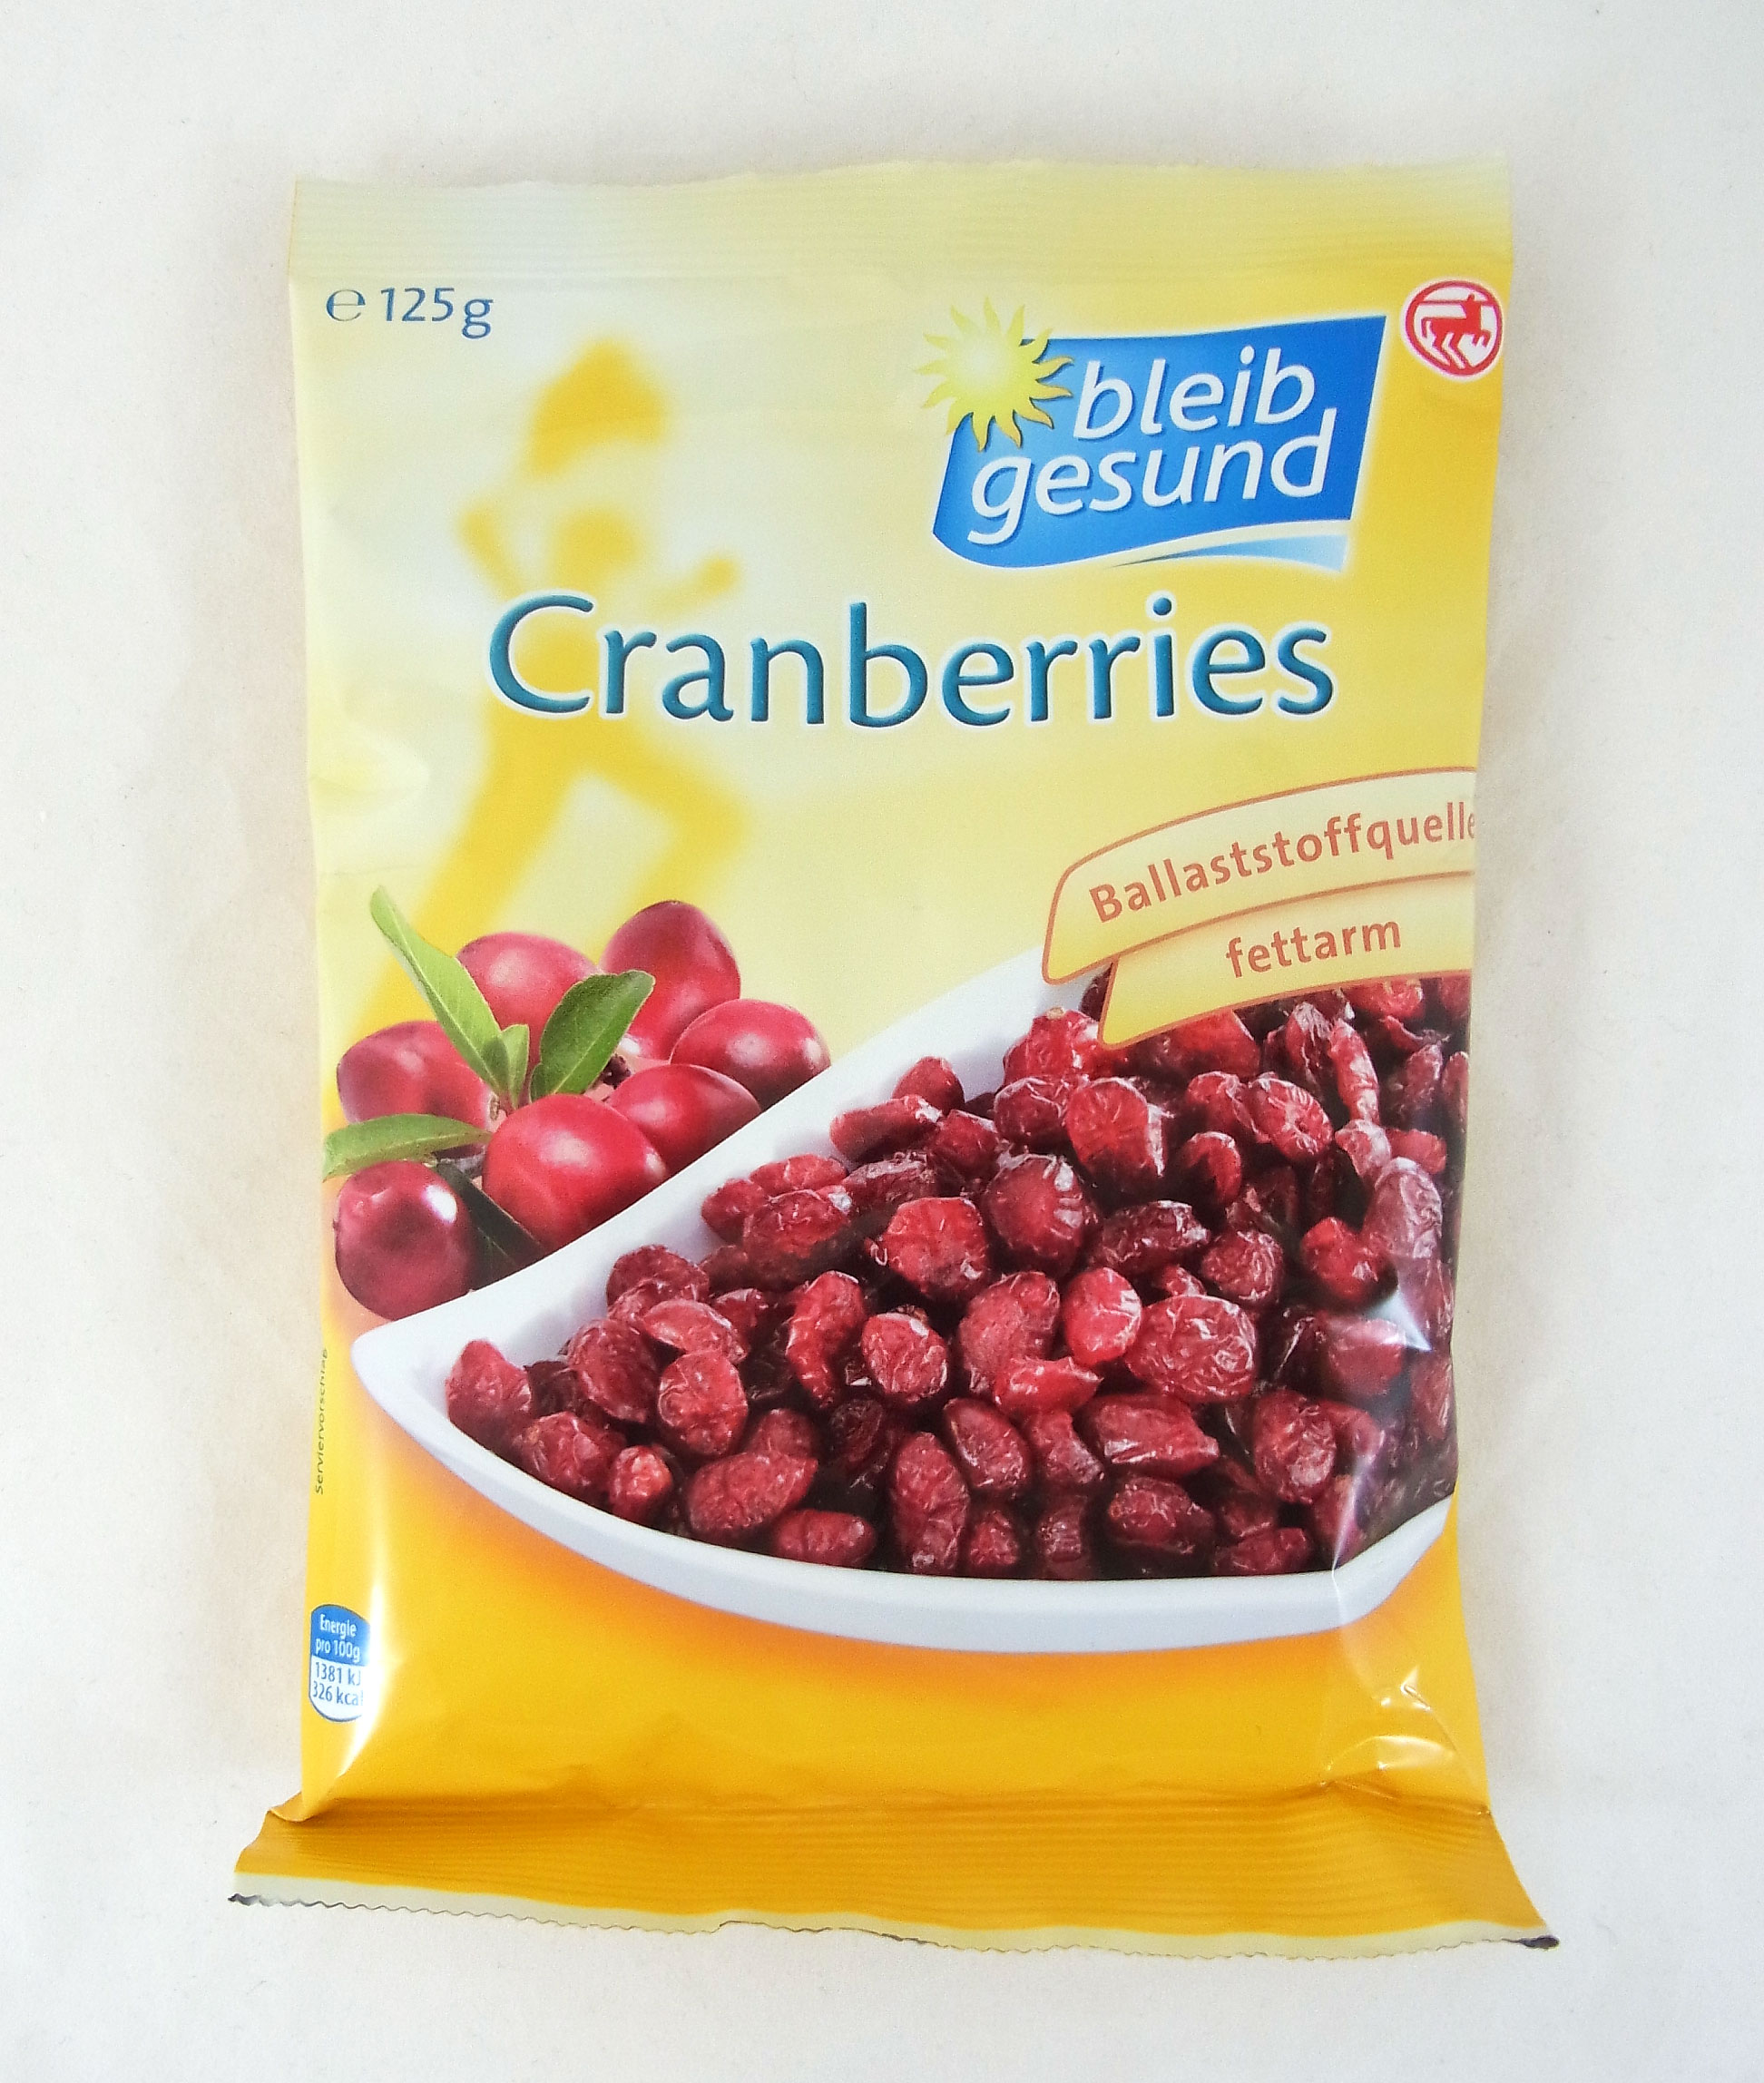 rossmann bleib gesund cranberries lebensmittelklarheit. Black Bedroom Furniture Sets. Home Design Ideas